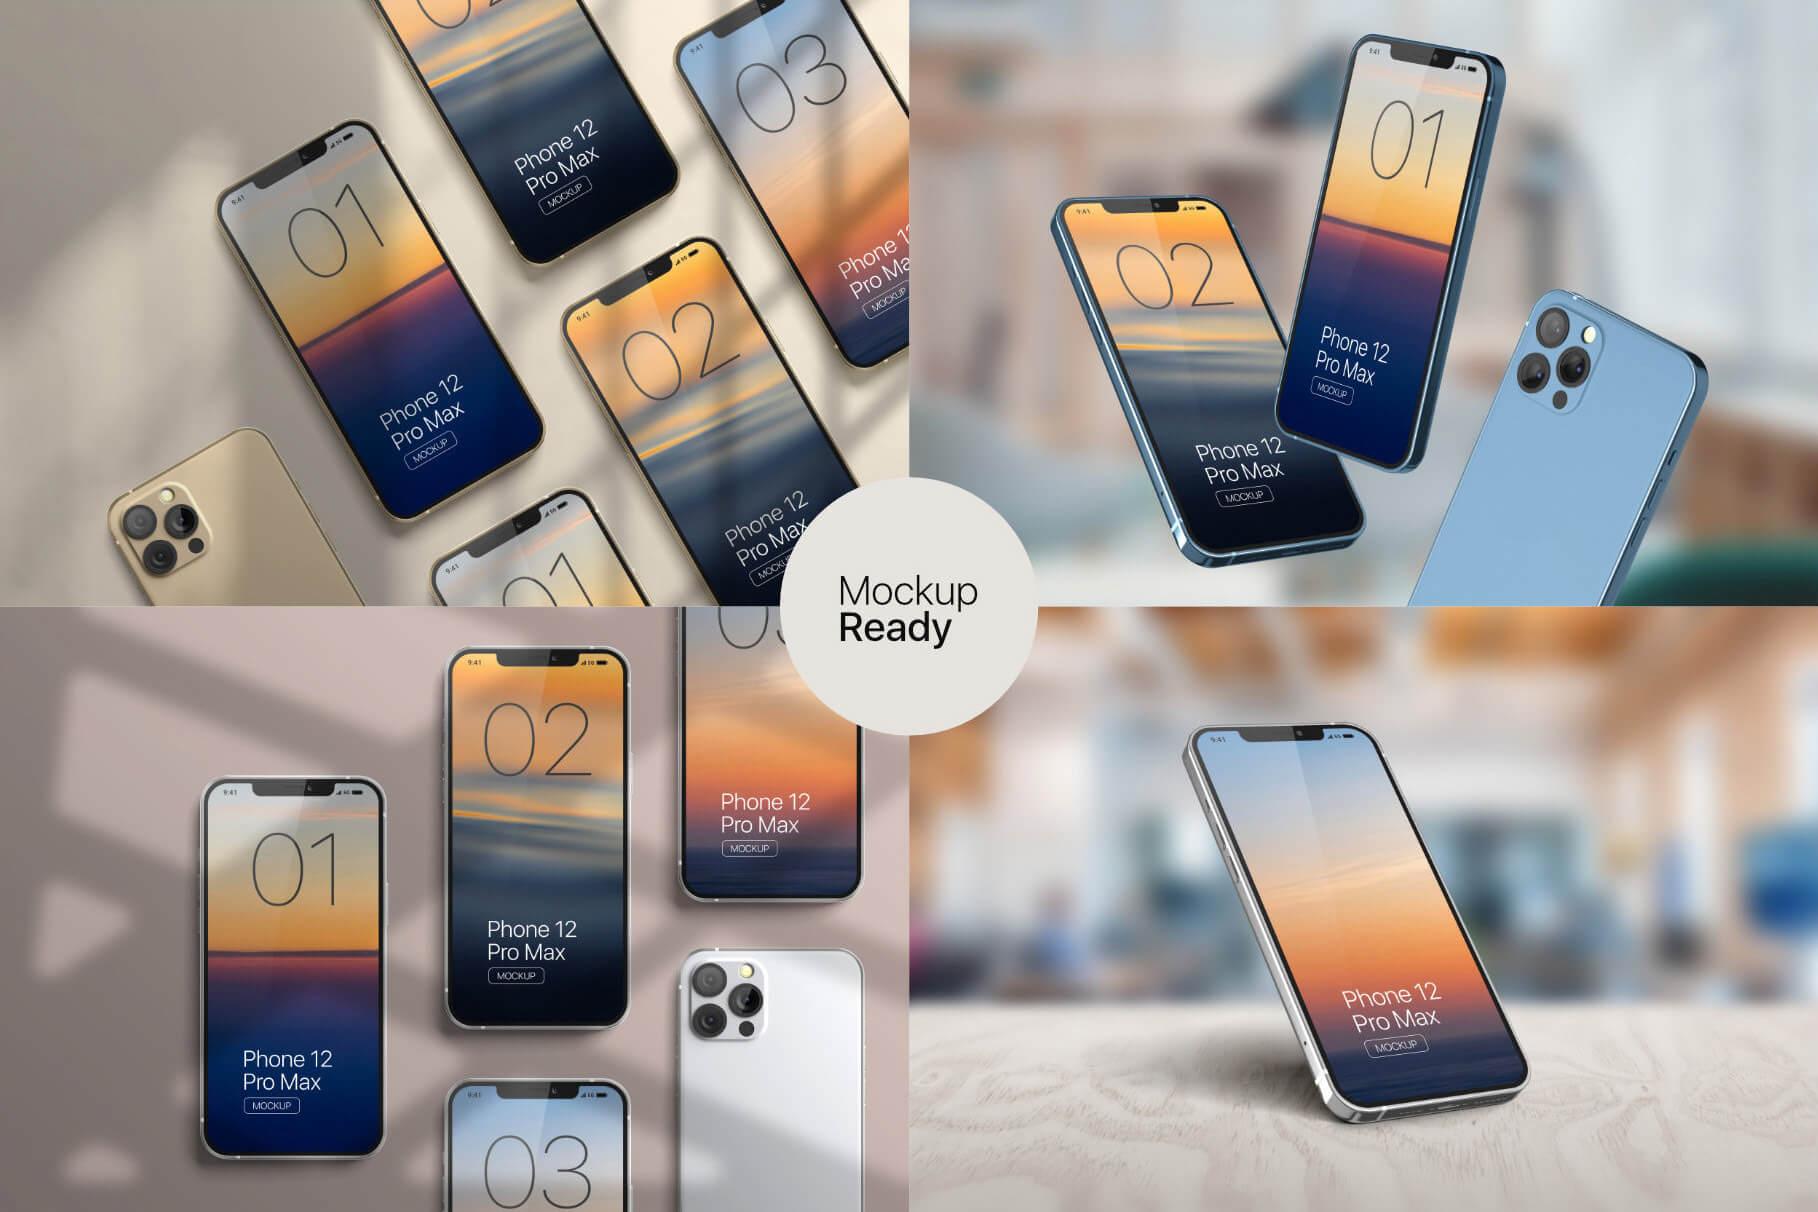 苹果手机12样机精致模版手机多角度展示模版素材iPhone 12 Pro Max Mockup V.01插图(6)